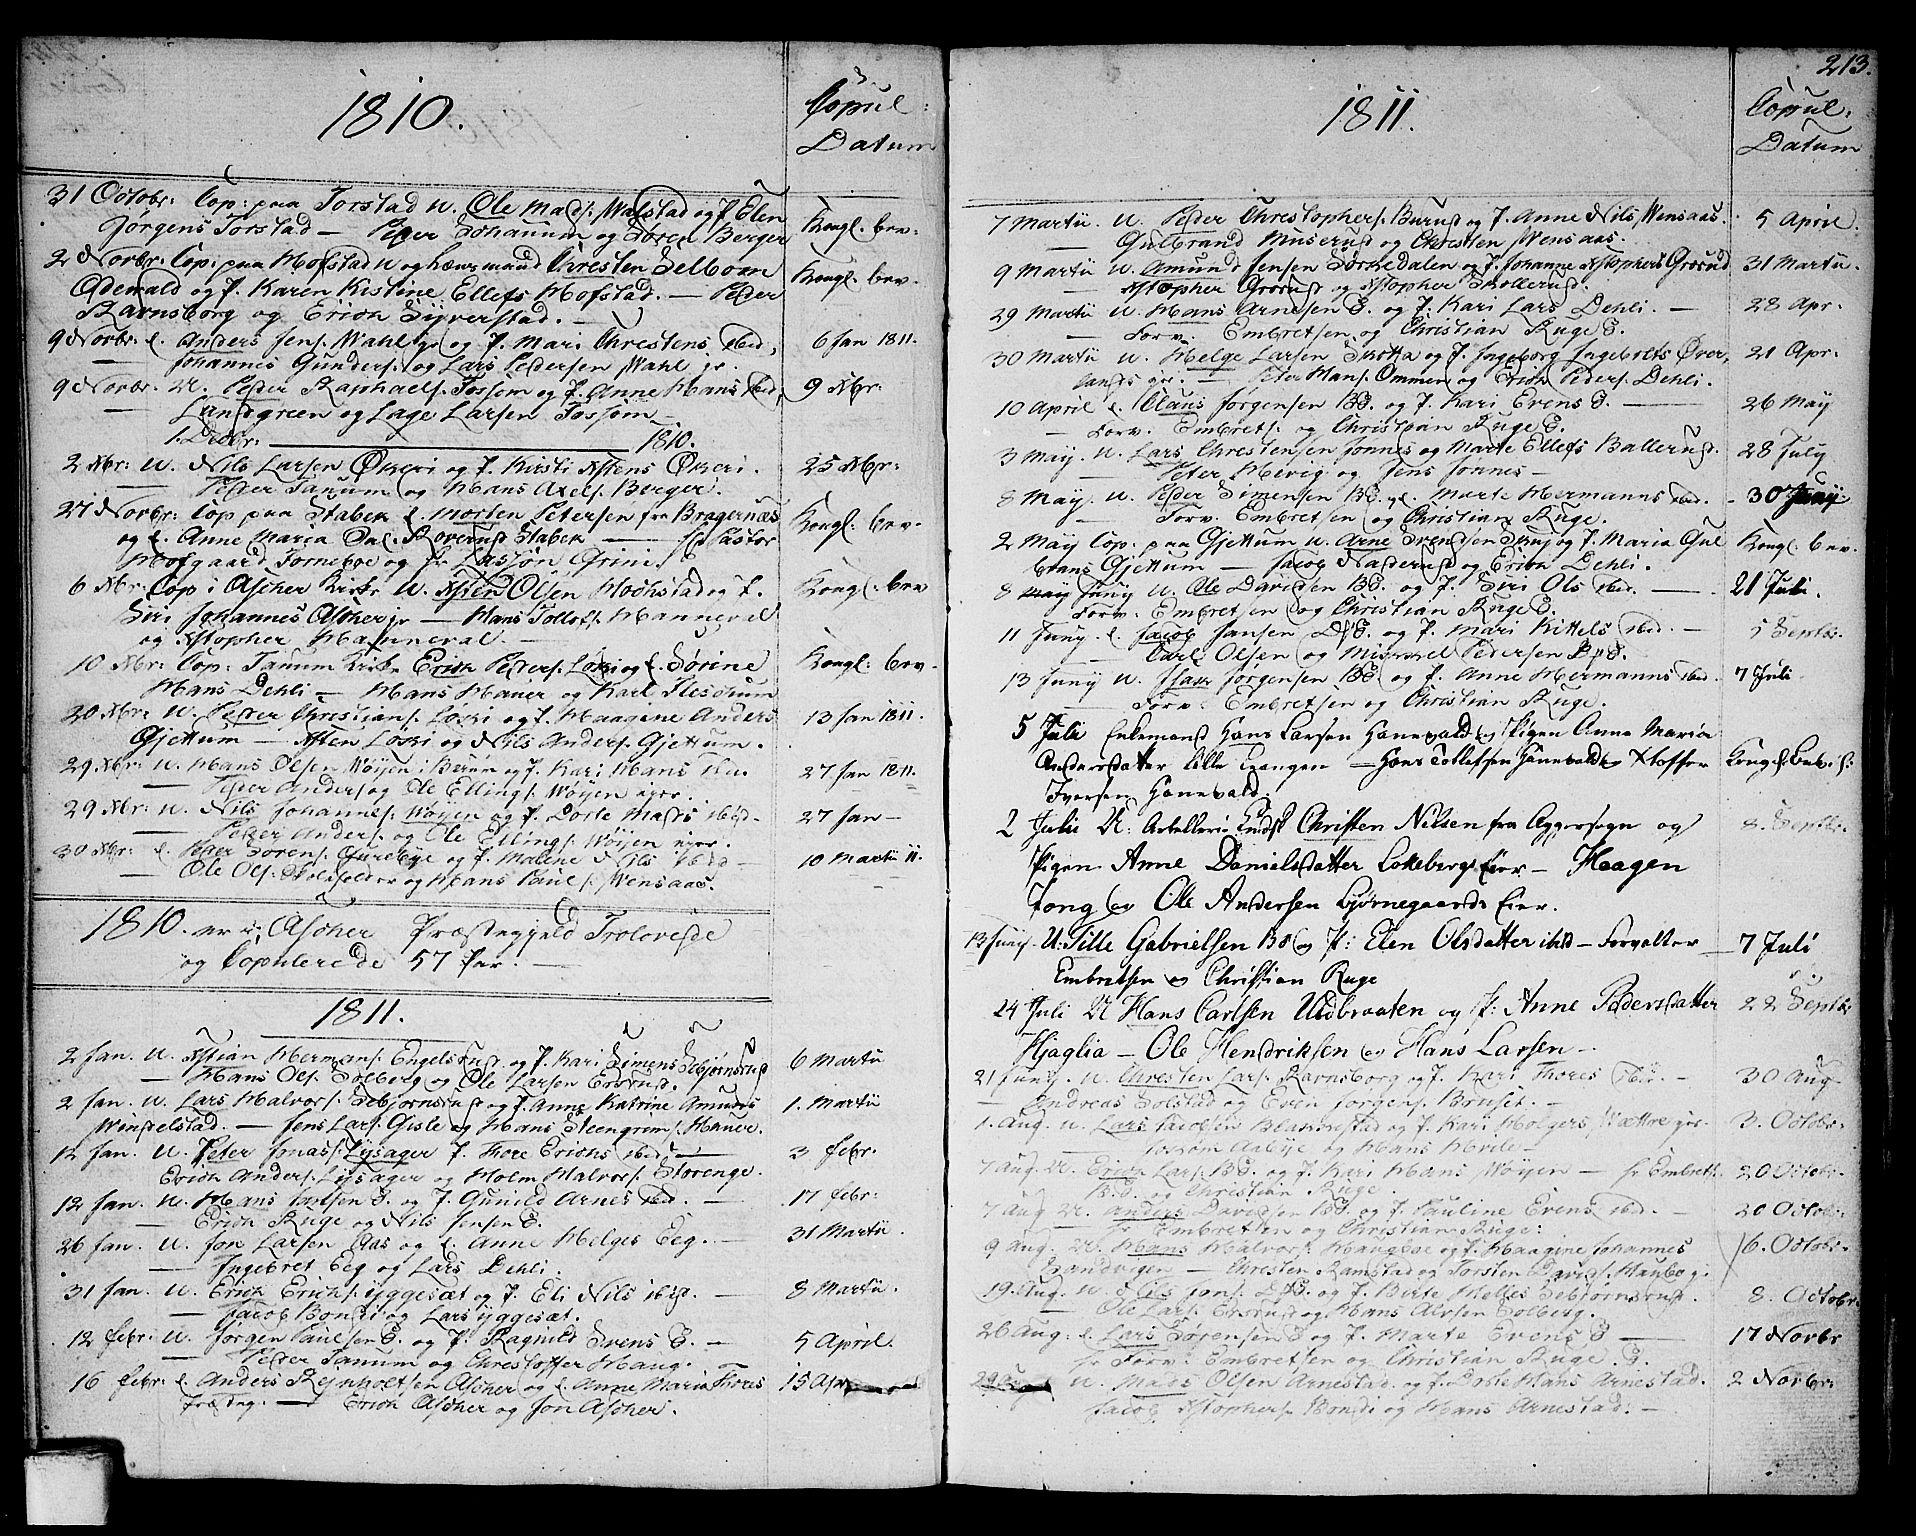 SAO, Asker prestekontor Kirkebøker, F/Fa/L0005: Ministerialbok nr. I 5, 1807-1813, s. 213